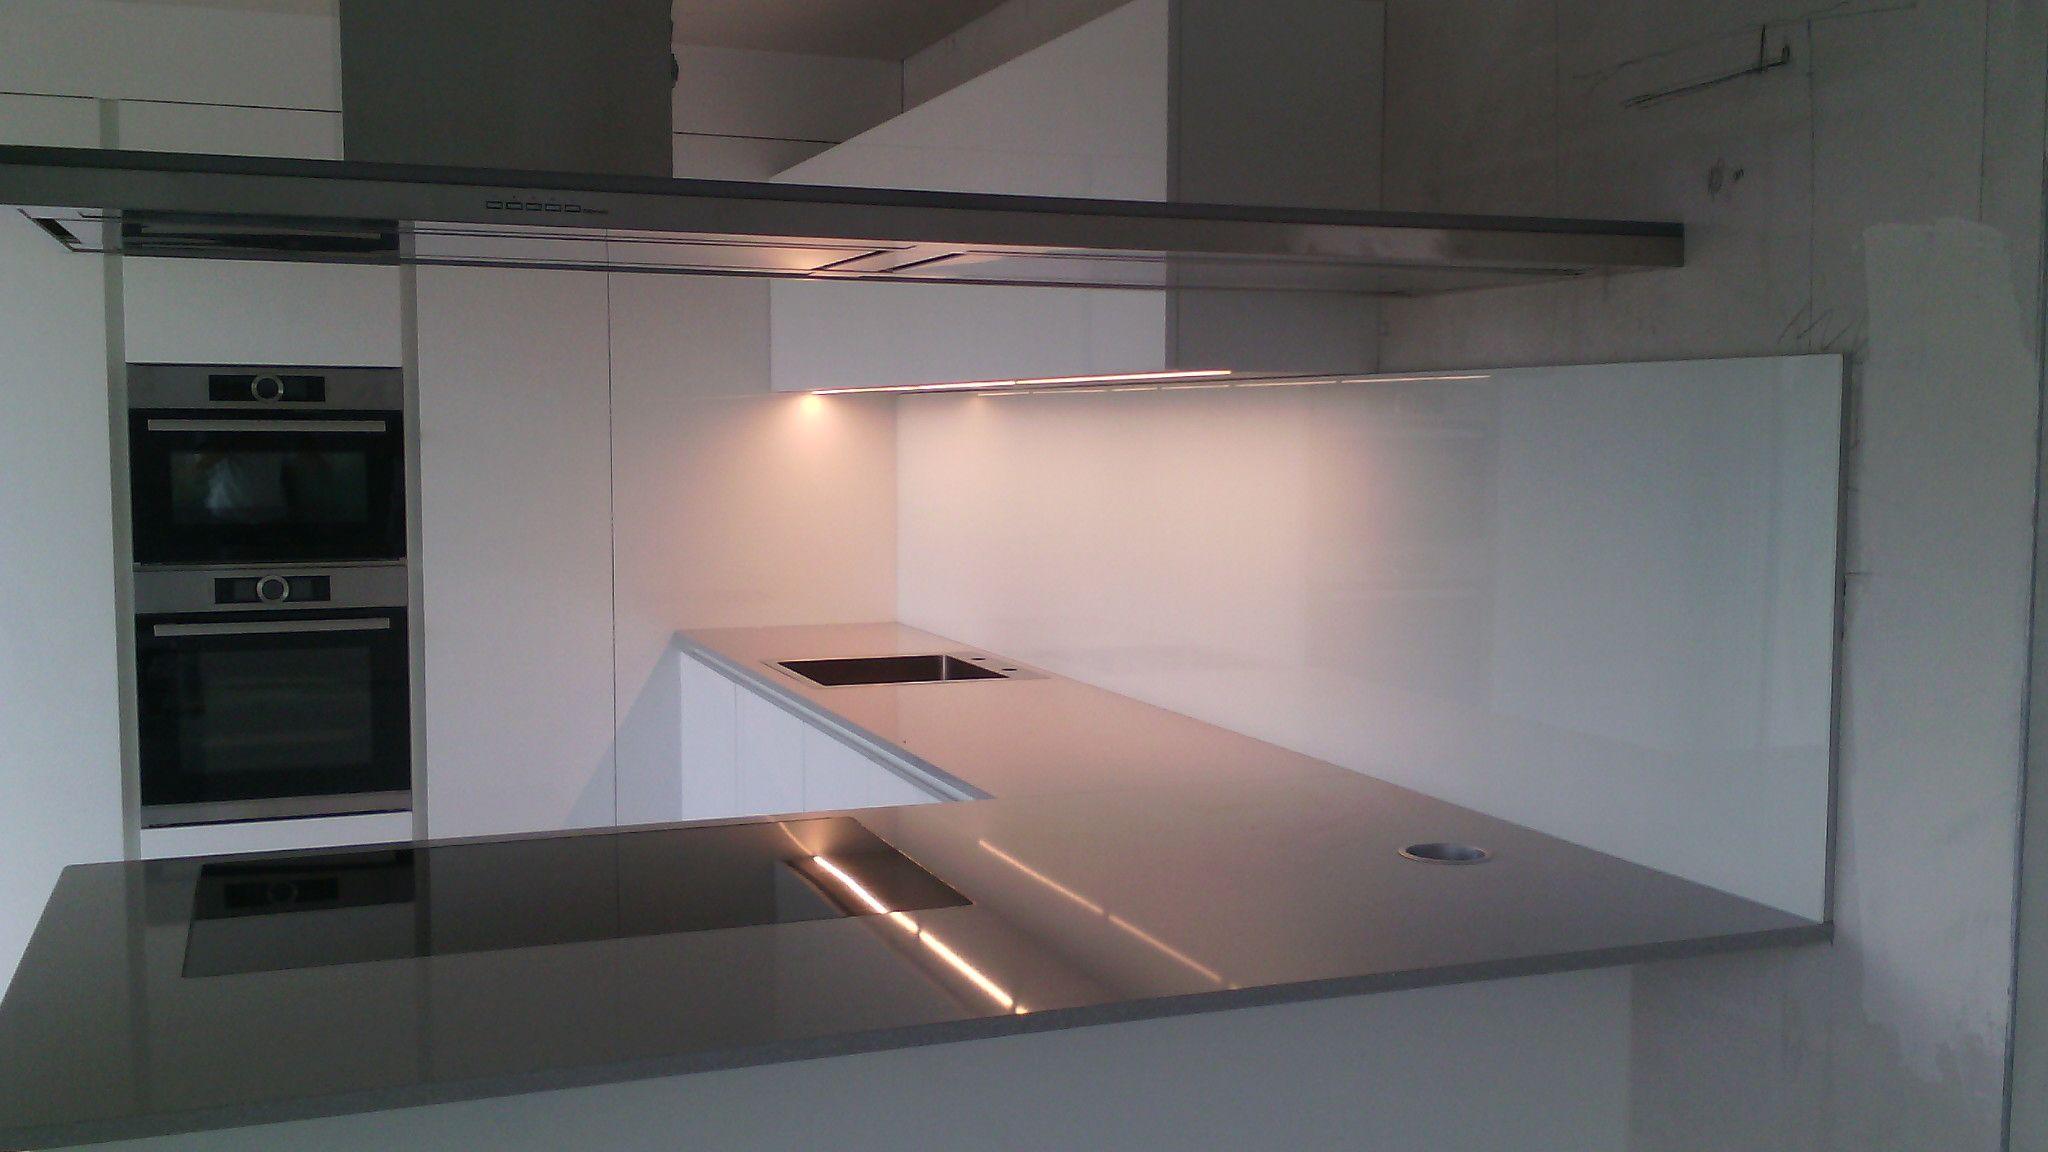 Progetta cucina on line screenshots di ikea home planner - Ikea progetta cucina ...